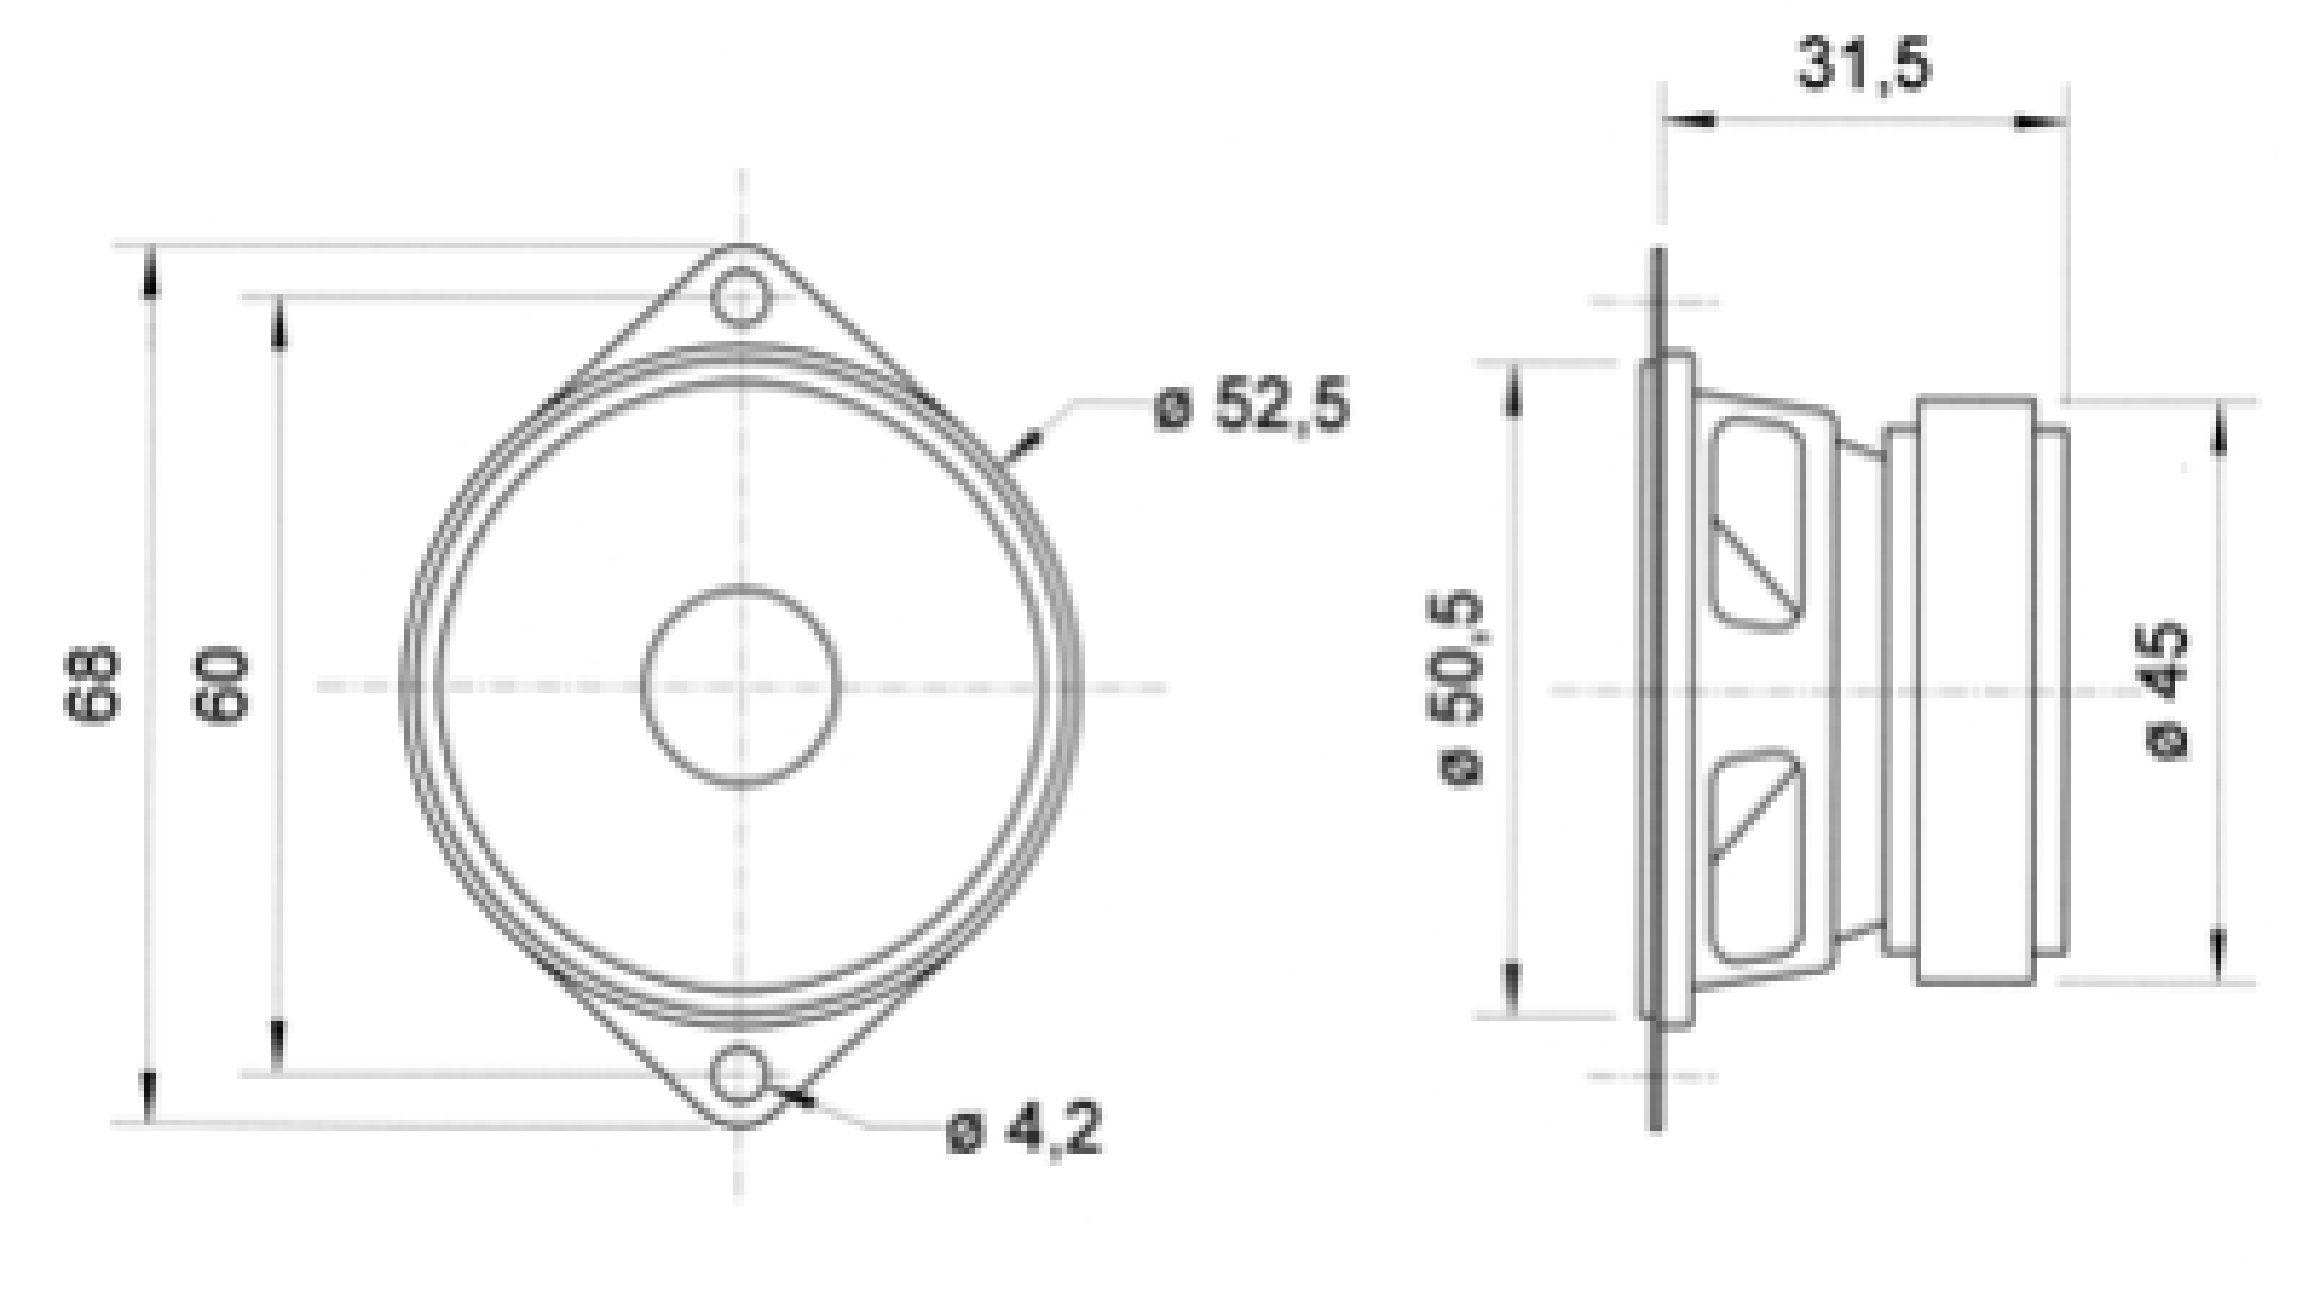 vs-frs5  8 - visaton - full-range speaker 5 cm  2 u0026quot   8 ohm